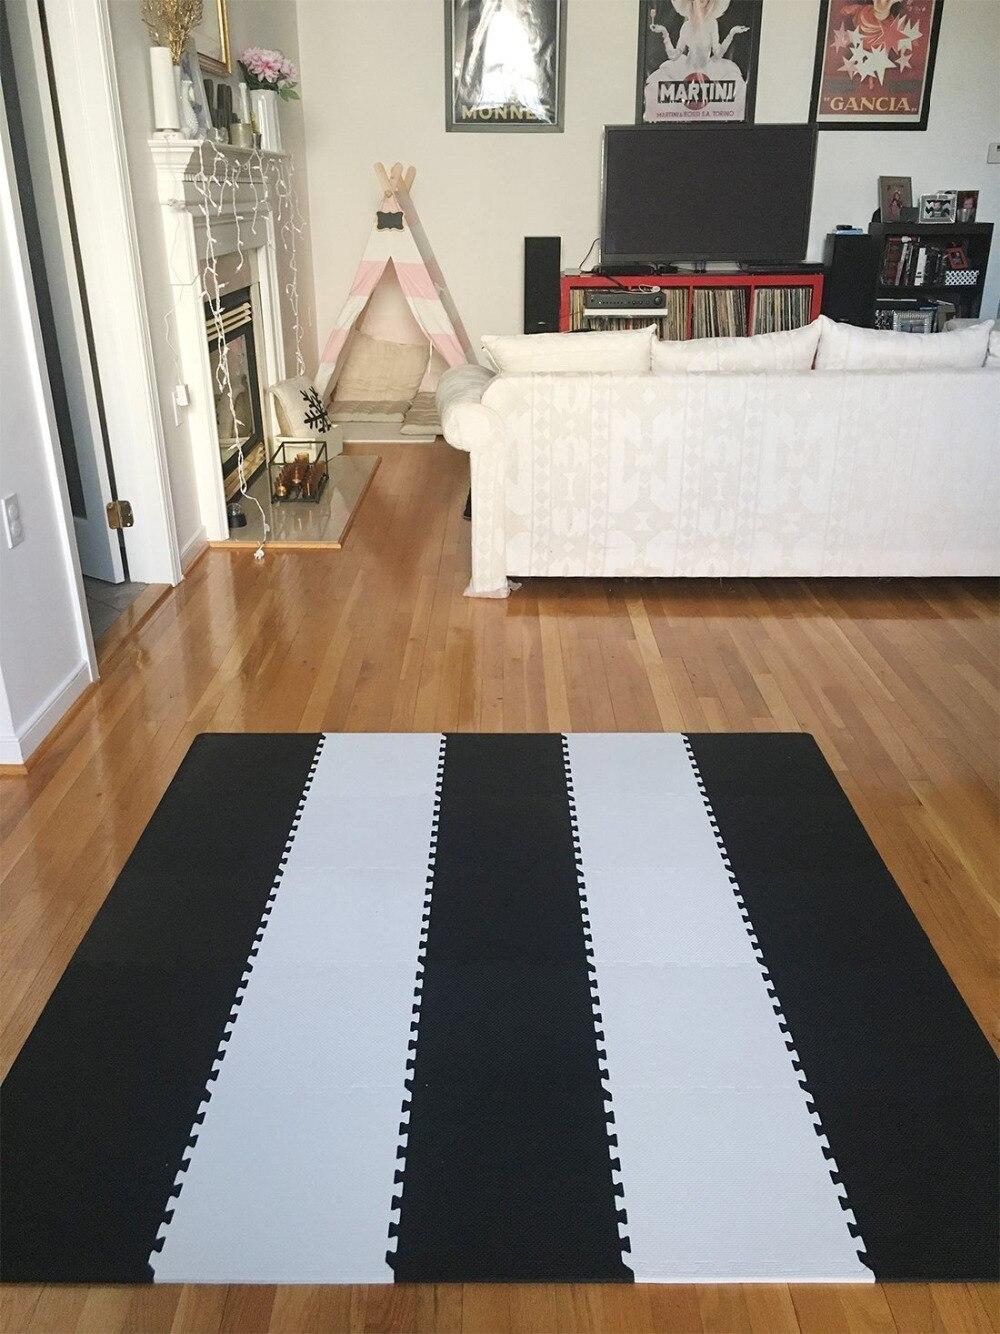 Tapis de Puzzle Meitoku Baby EVA en mousse, tapis de sol noir blanc à emboîtement, tapis de 25 carreaux pour enfants. Chaque bord libre de 32x32 cm. - 6